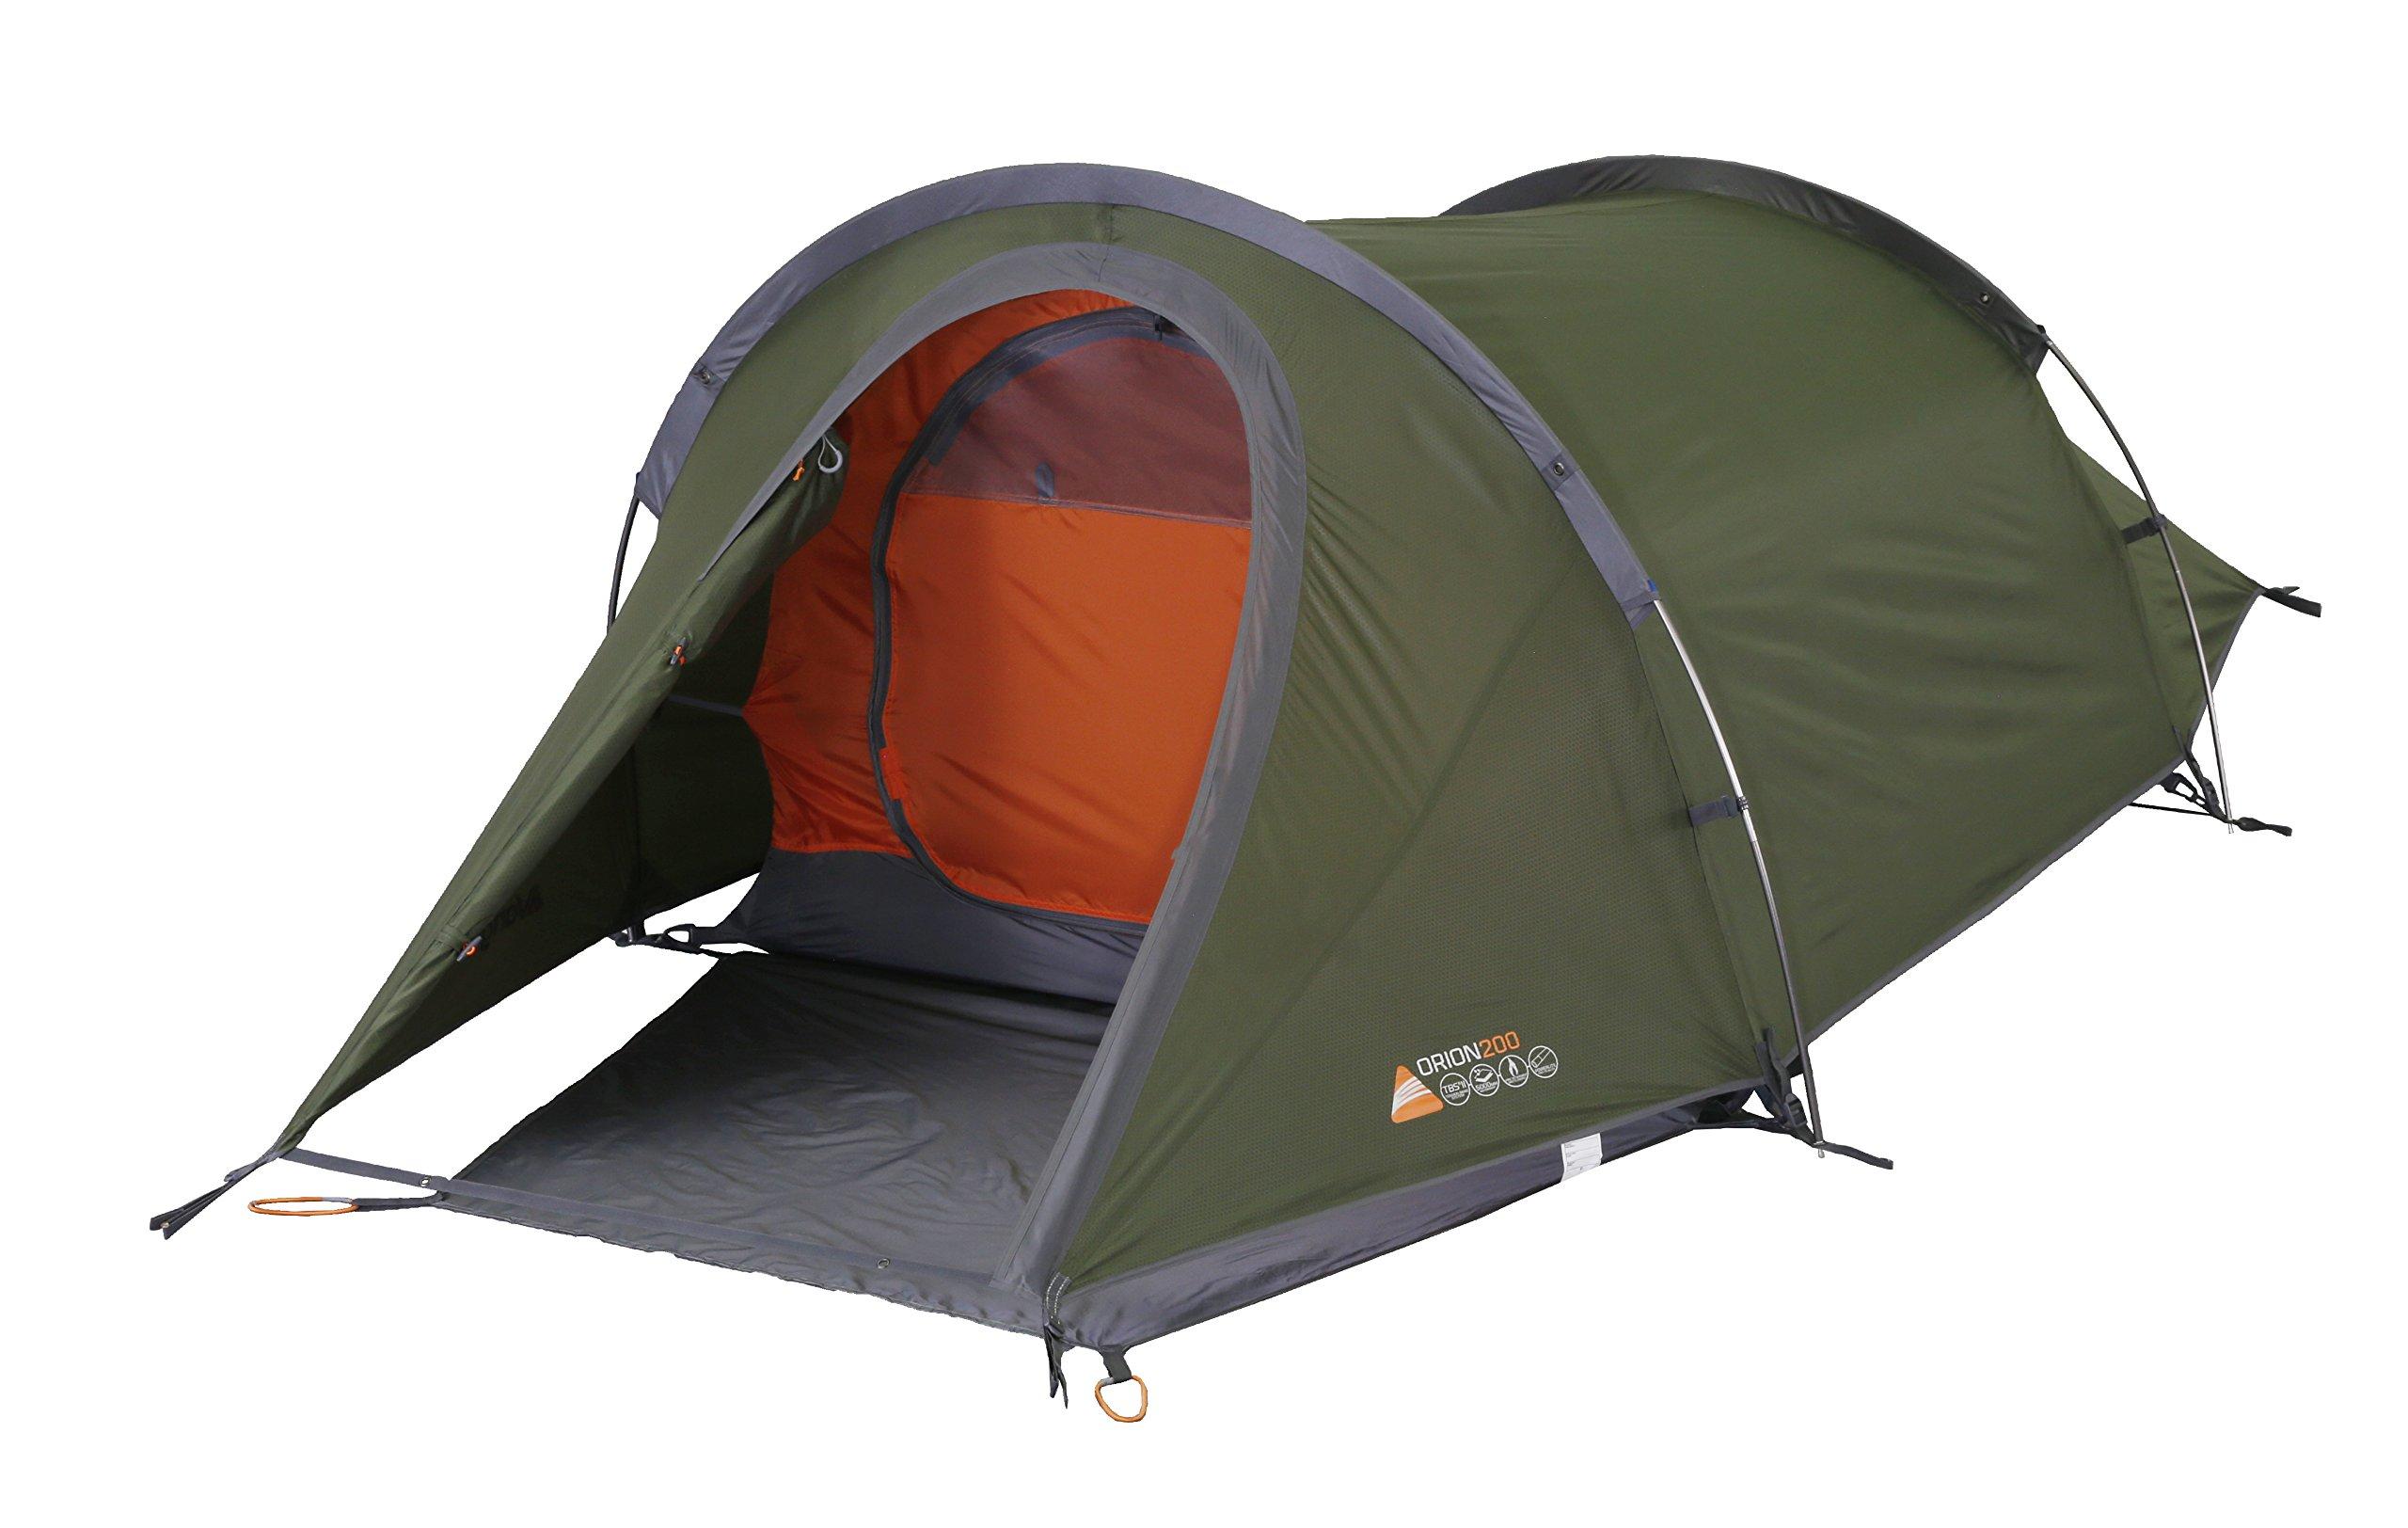 Vango Orion Trekking Tent, Cactus Green, 200 1